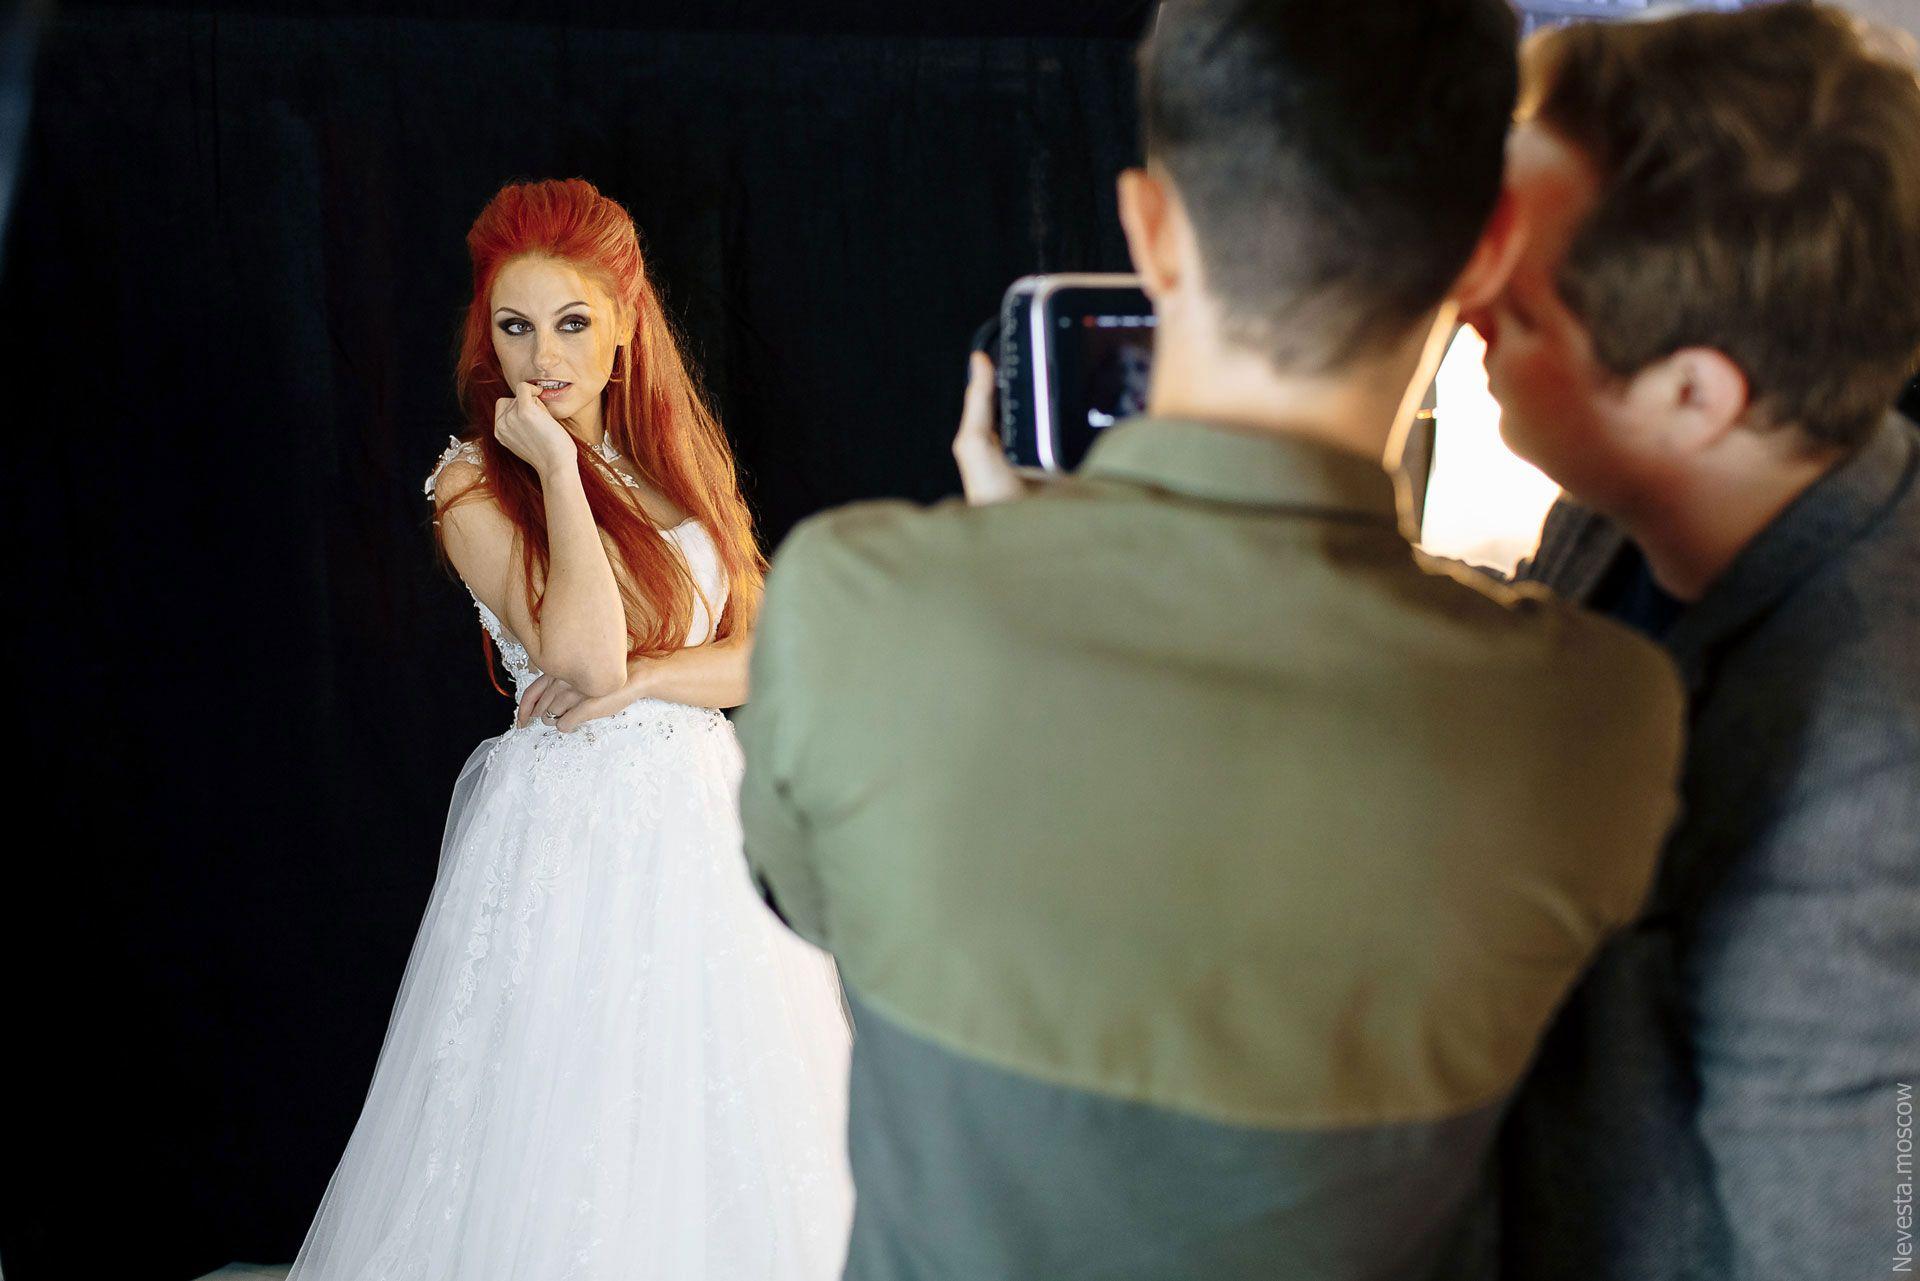 Солистка группы «Чи-Ли» Ирина Забияка примеряет платье, фото 14